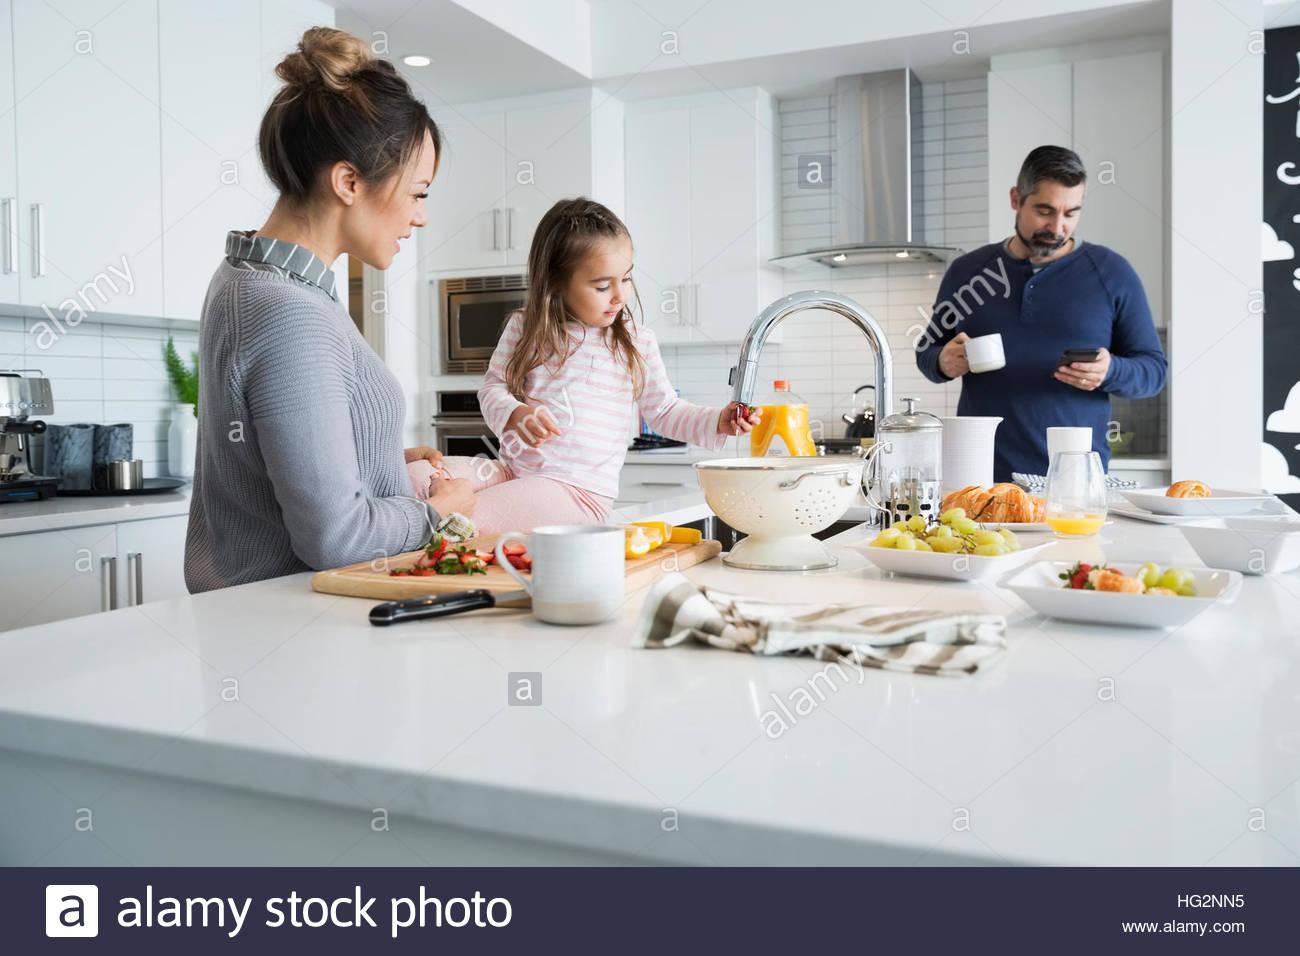 Family preparing breakfast in morning kitchen - Stock Image